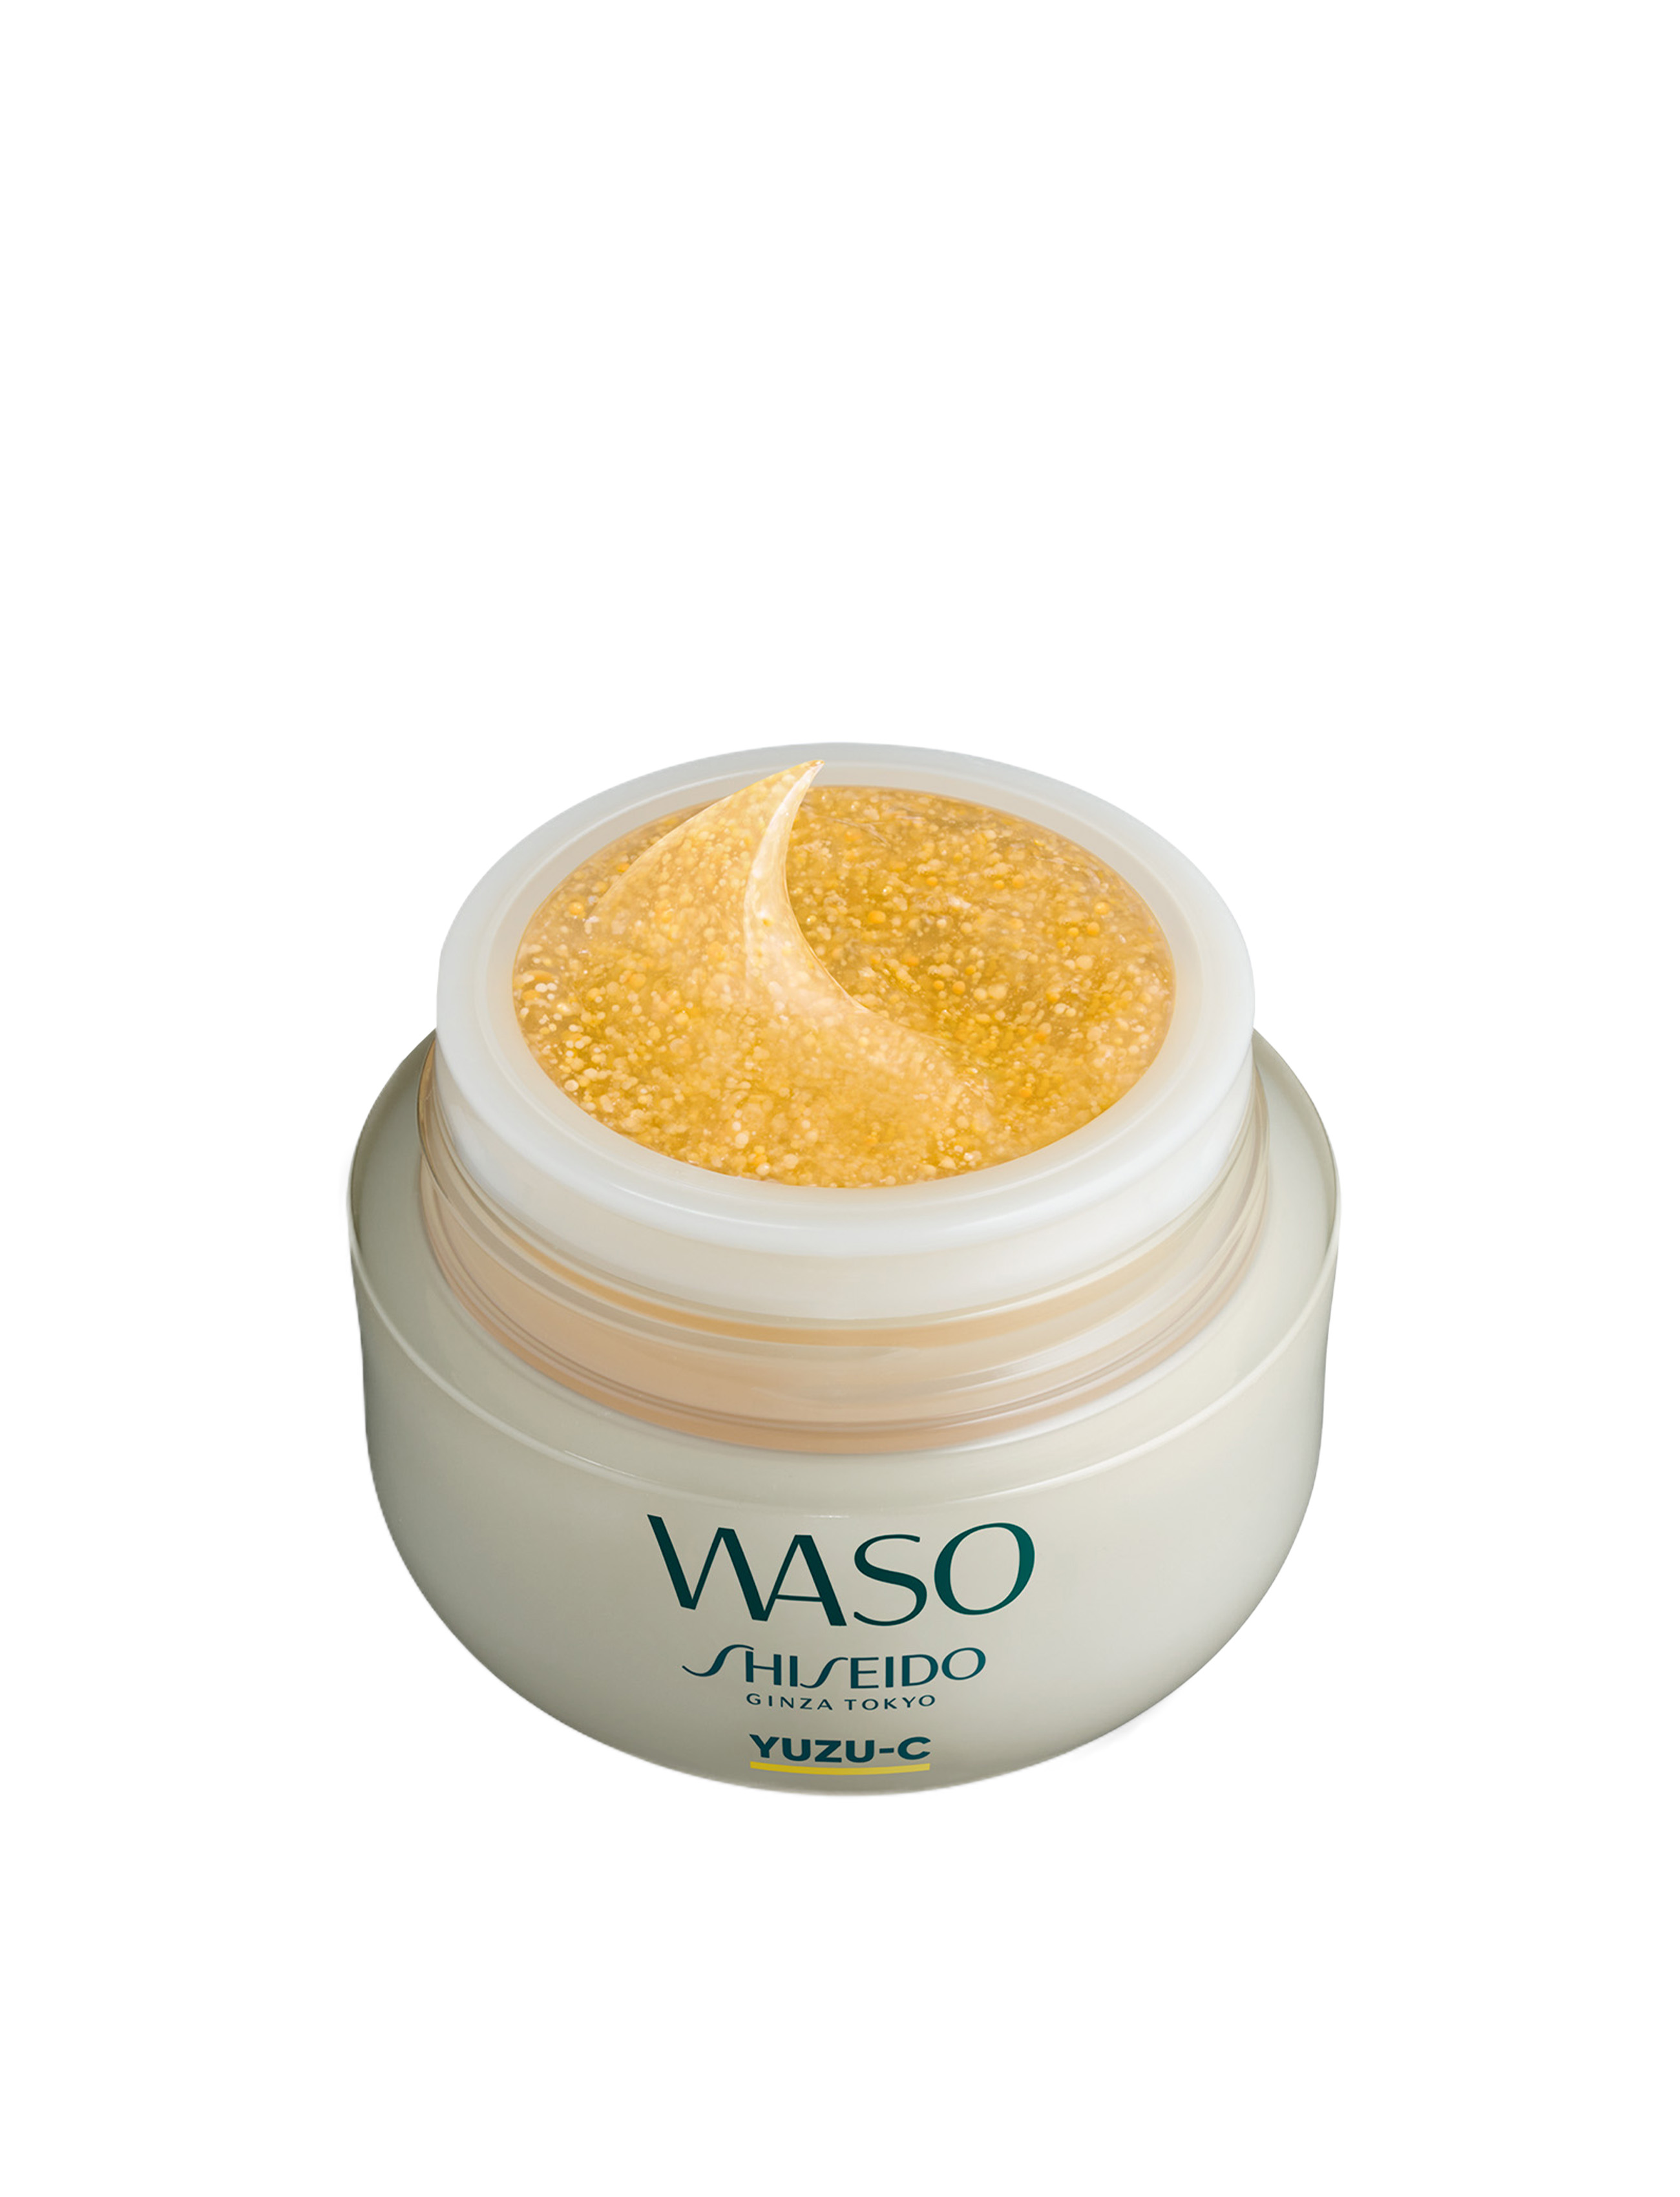 Shiseido Waso Beauty Sleeping Mask, 50 ml